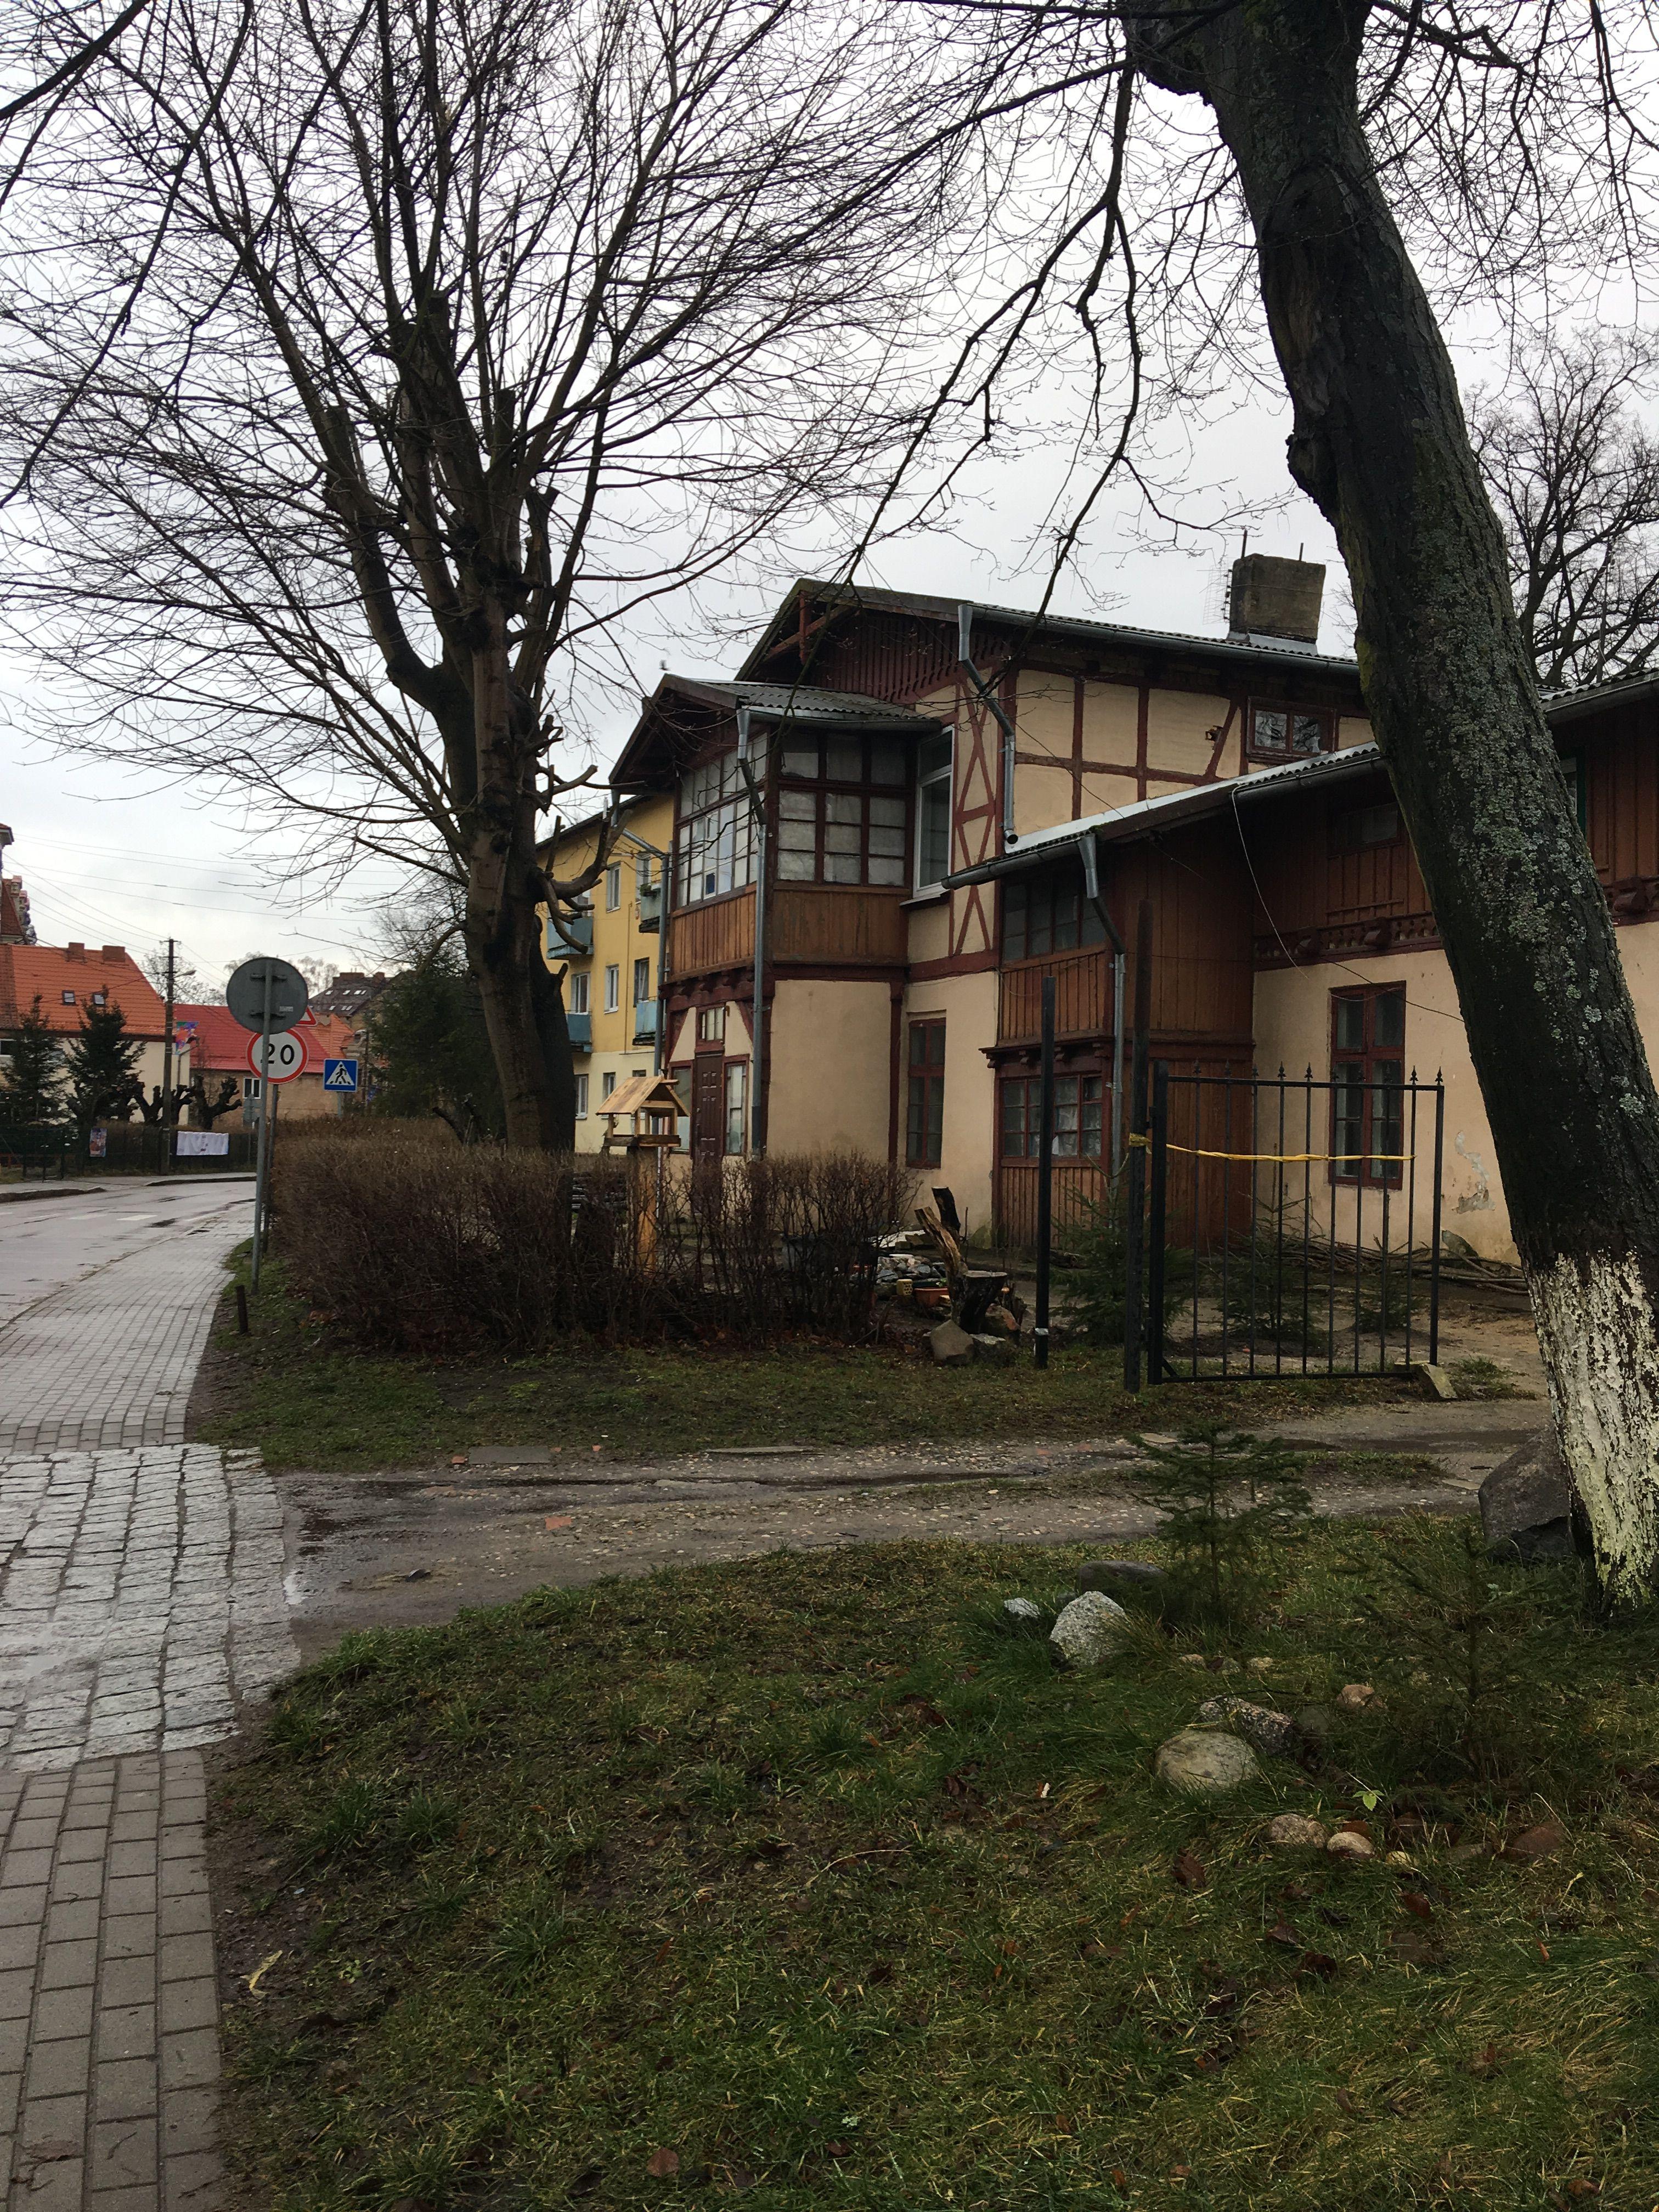 Дома и улица. Город Пионерский